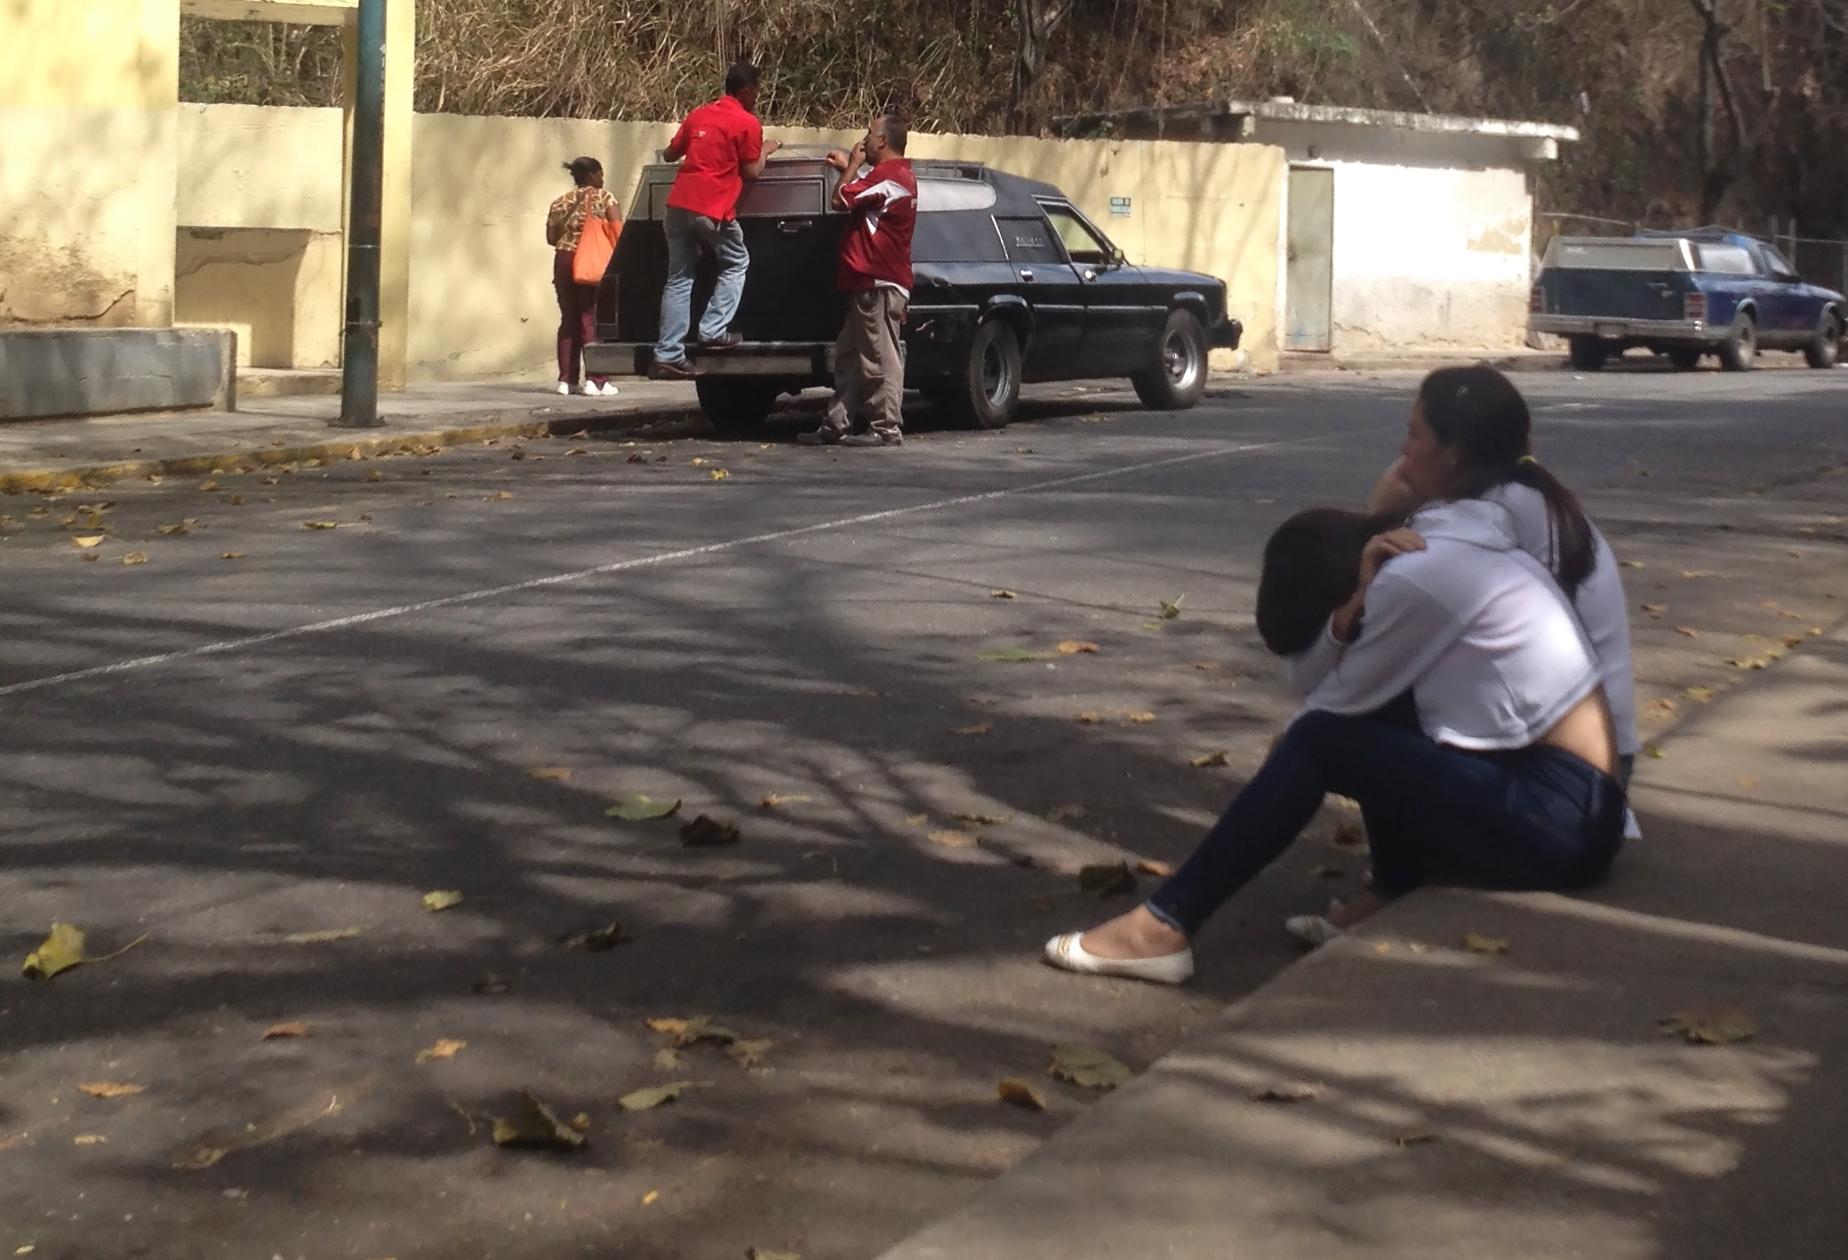 #Monitordevictimas – Matan a puñaladas a un operario del Metro de Caracas